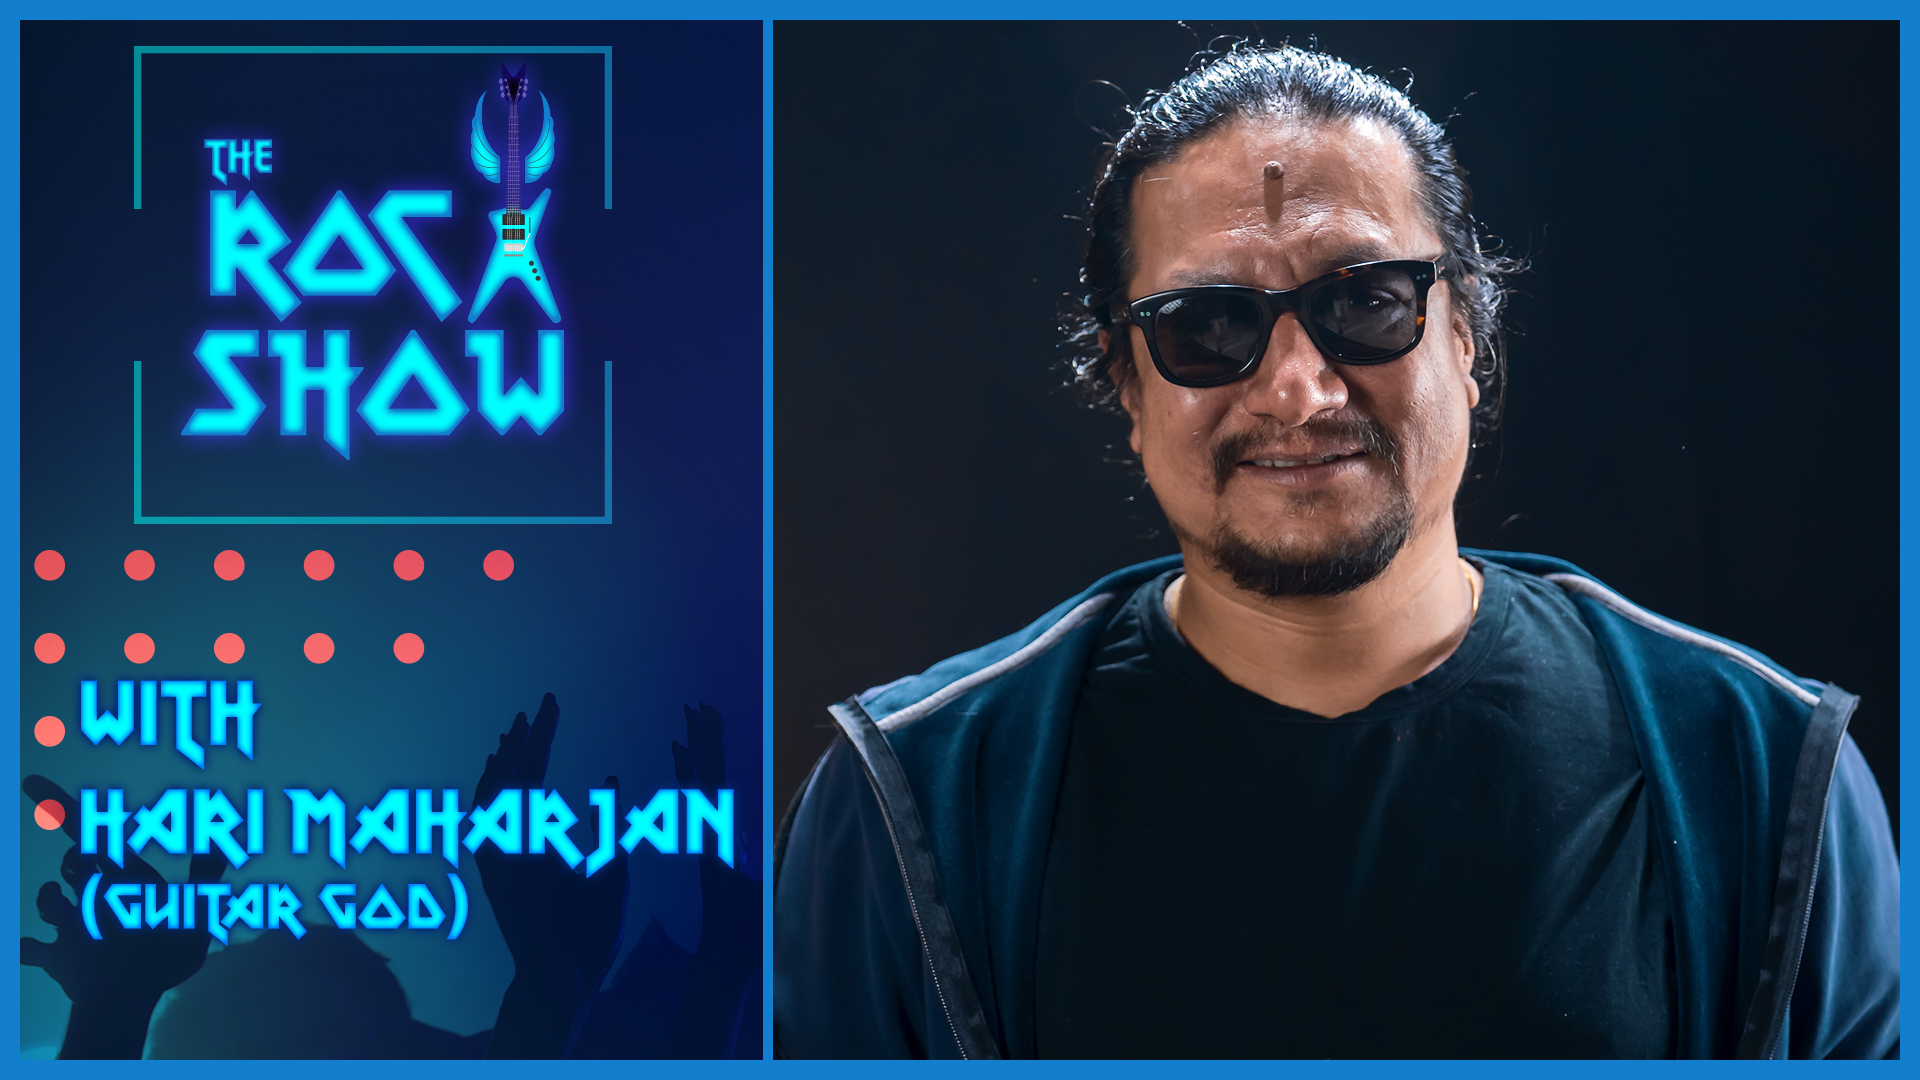 Hari Maharjan / The Guitar God | The Rock Show - Abhishek S. Mishra